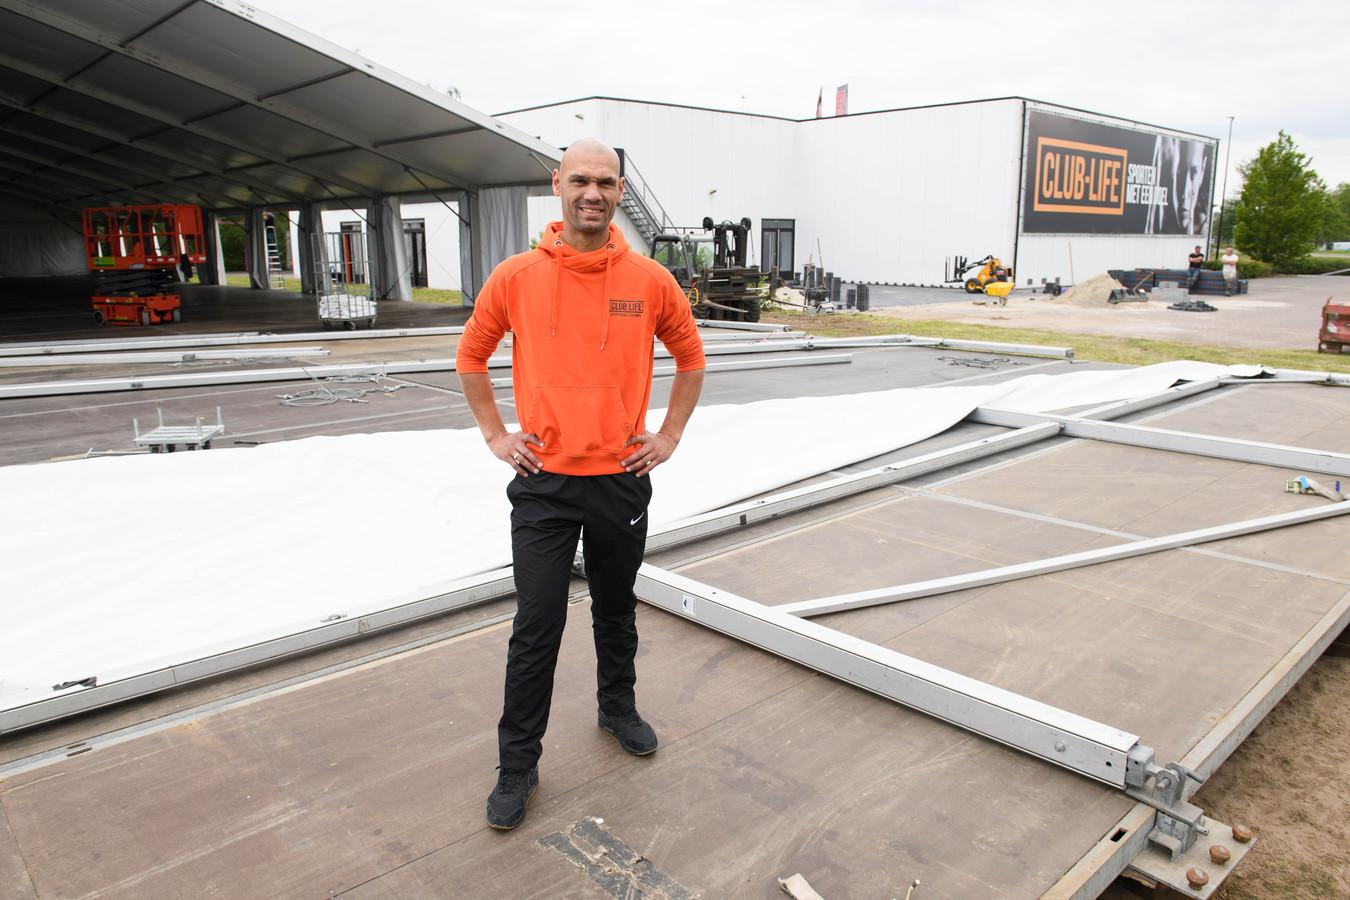 Sportschool CLUB-LIFE in Hengelo mag weer open! Niet binnen, maar buiten onder een overkapping van 1800 vierkante meter. Op de foto eigenaar Lucién Hoek.